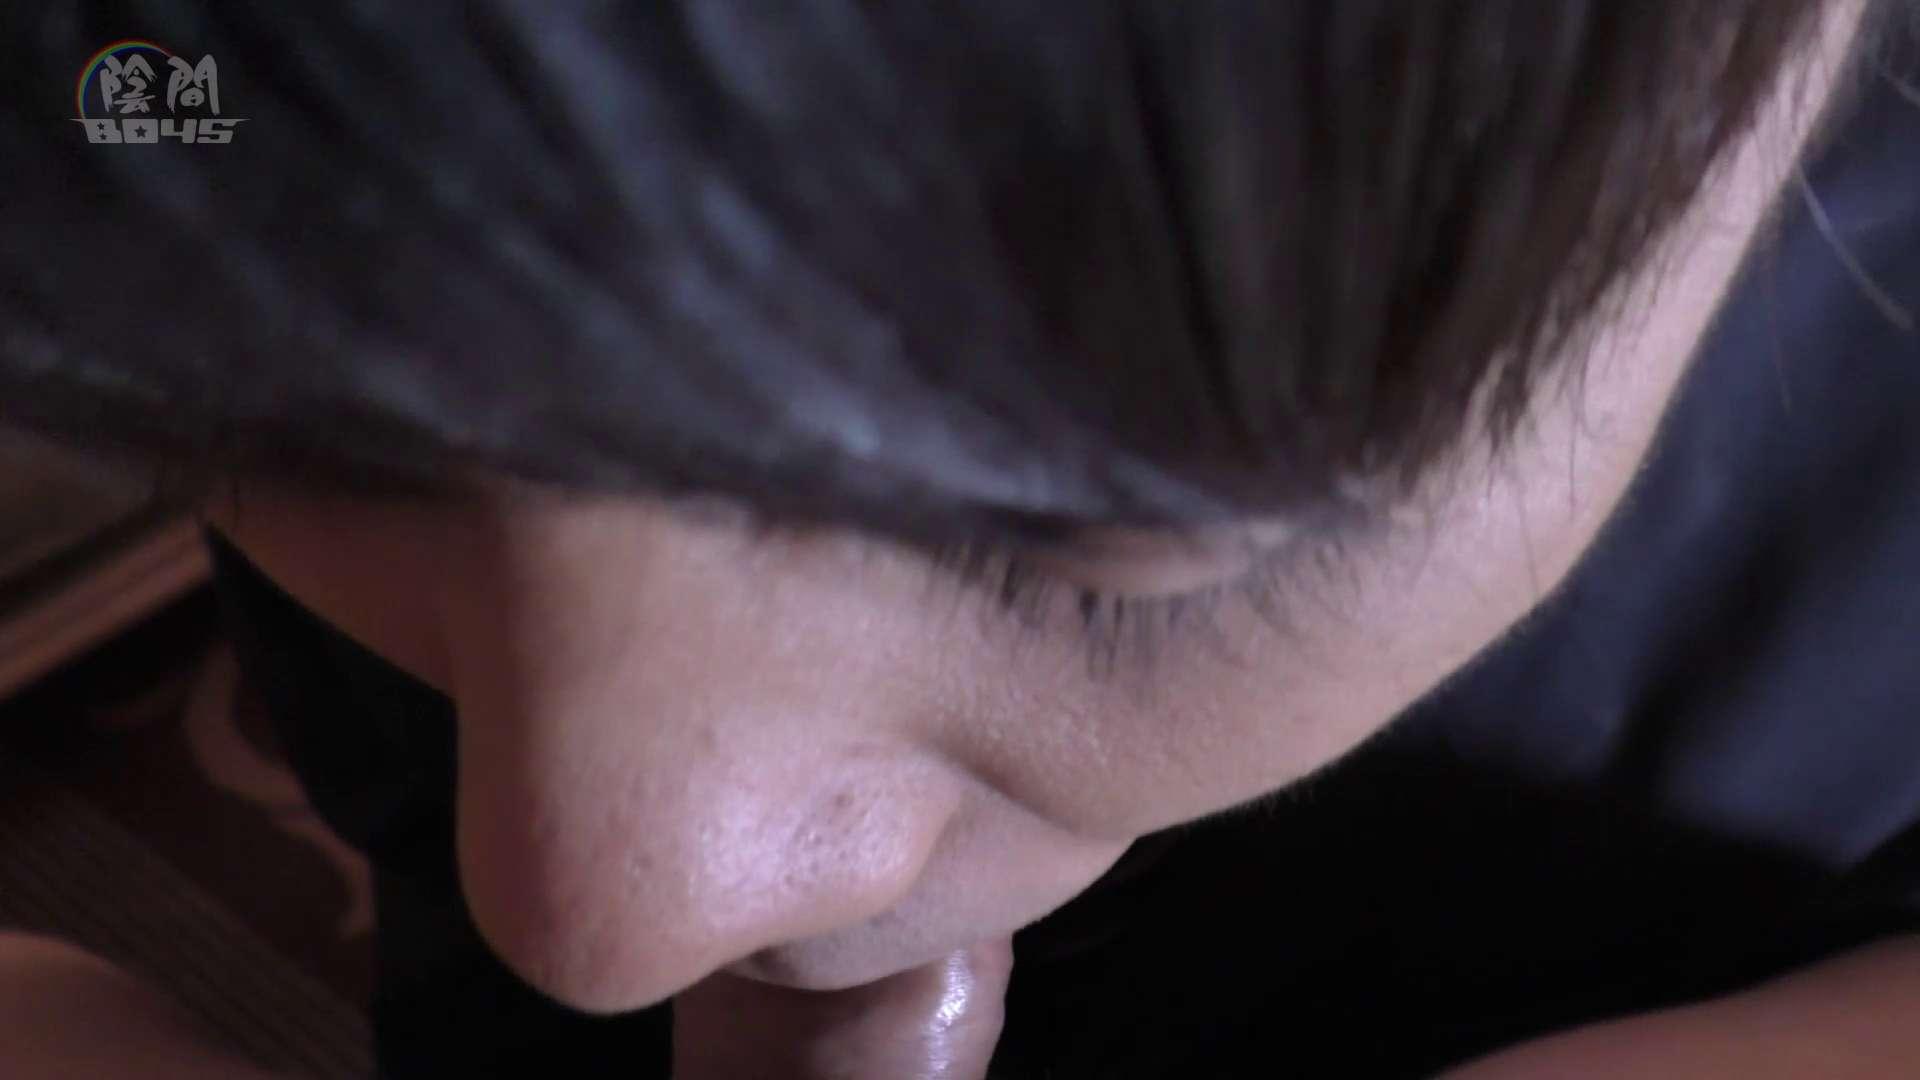 キャバクラの仕事はアナルから6  ~アナルの囁き~Vol.03 ザーメン ゲイ丸見え画像 65pic 28